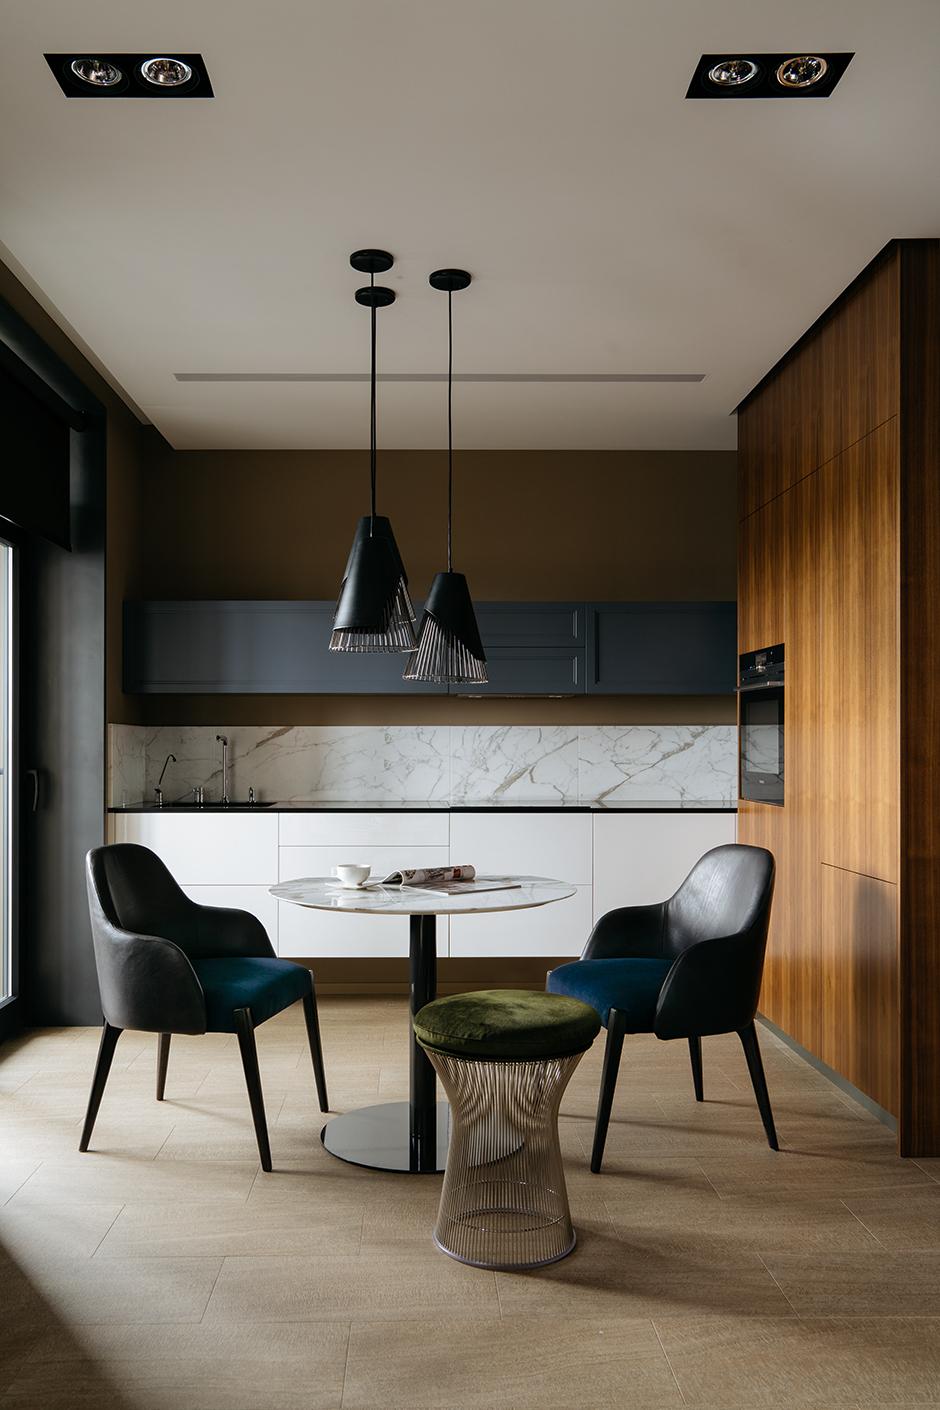 40 проектов кухонь в маленьких квартирах (галерея 0, фото 3)